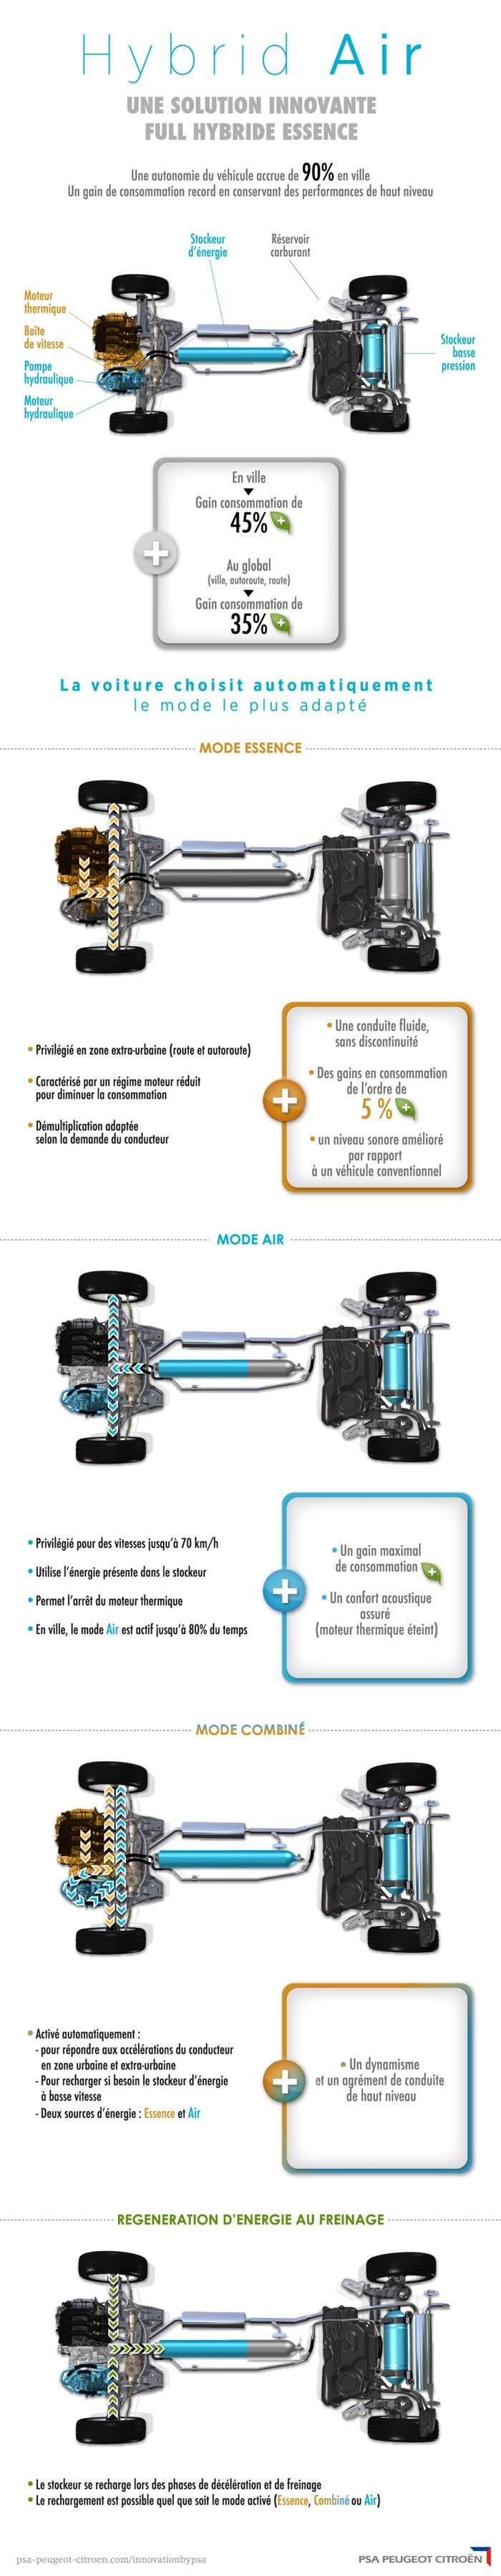 hybrid air